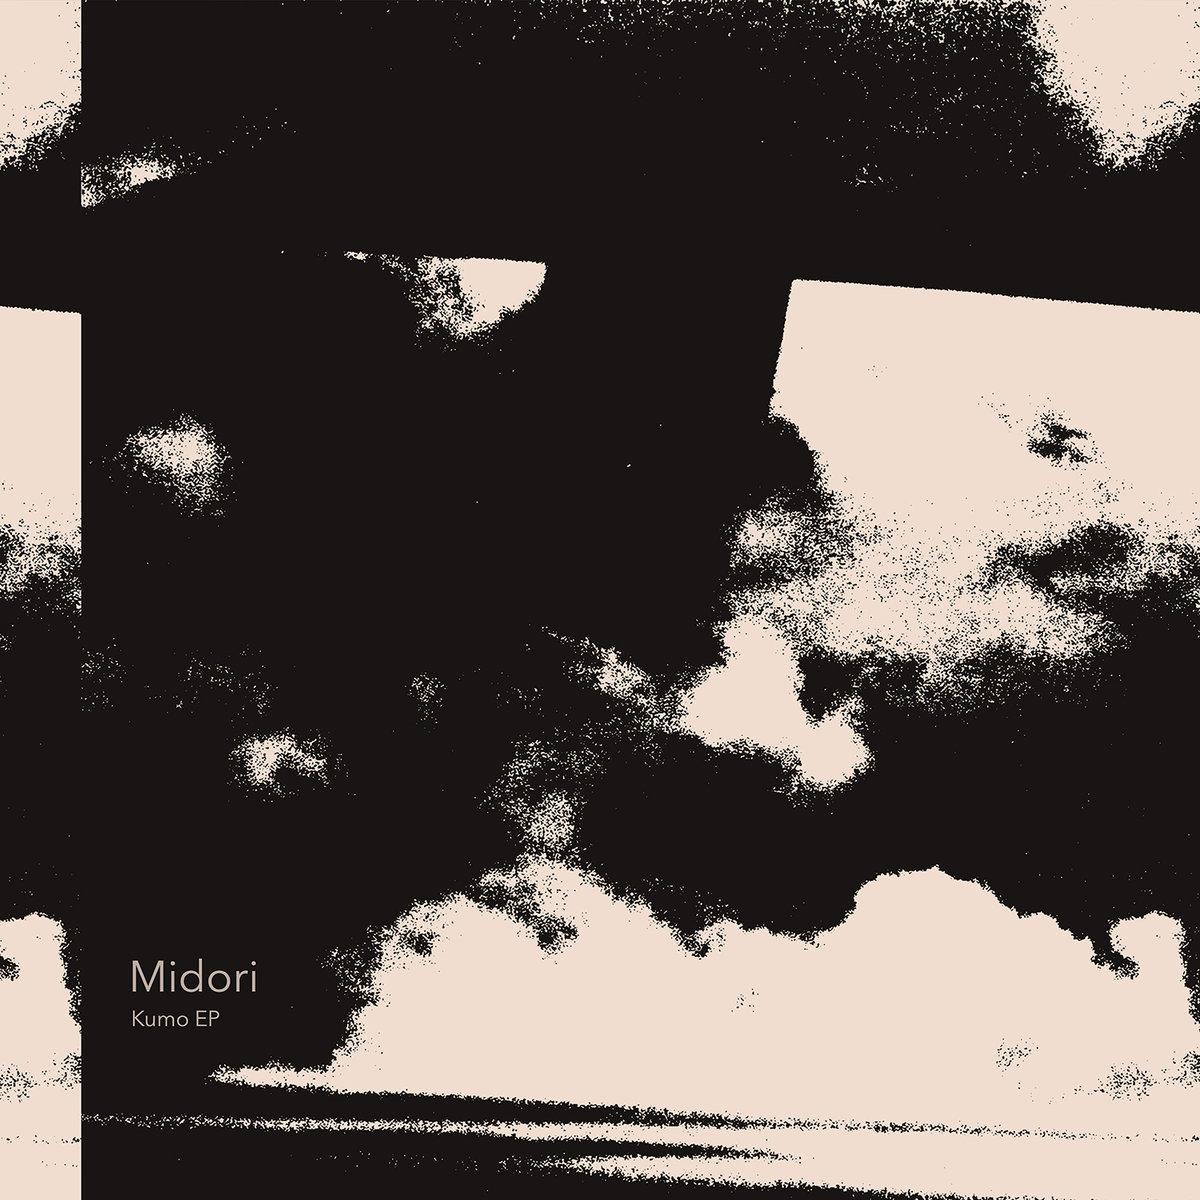 Midori – KumoEP